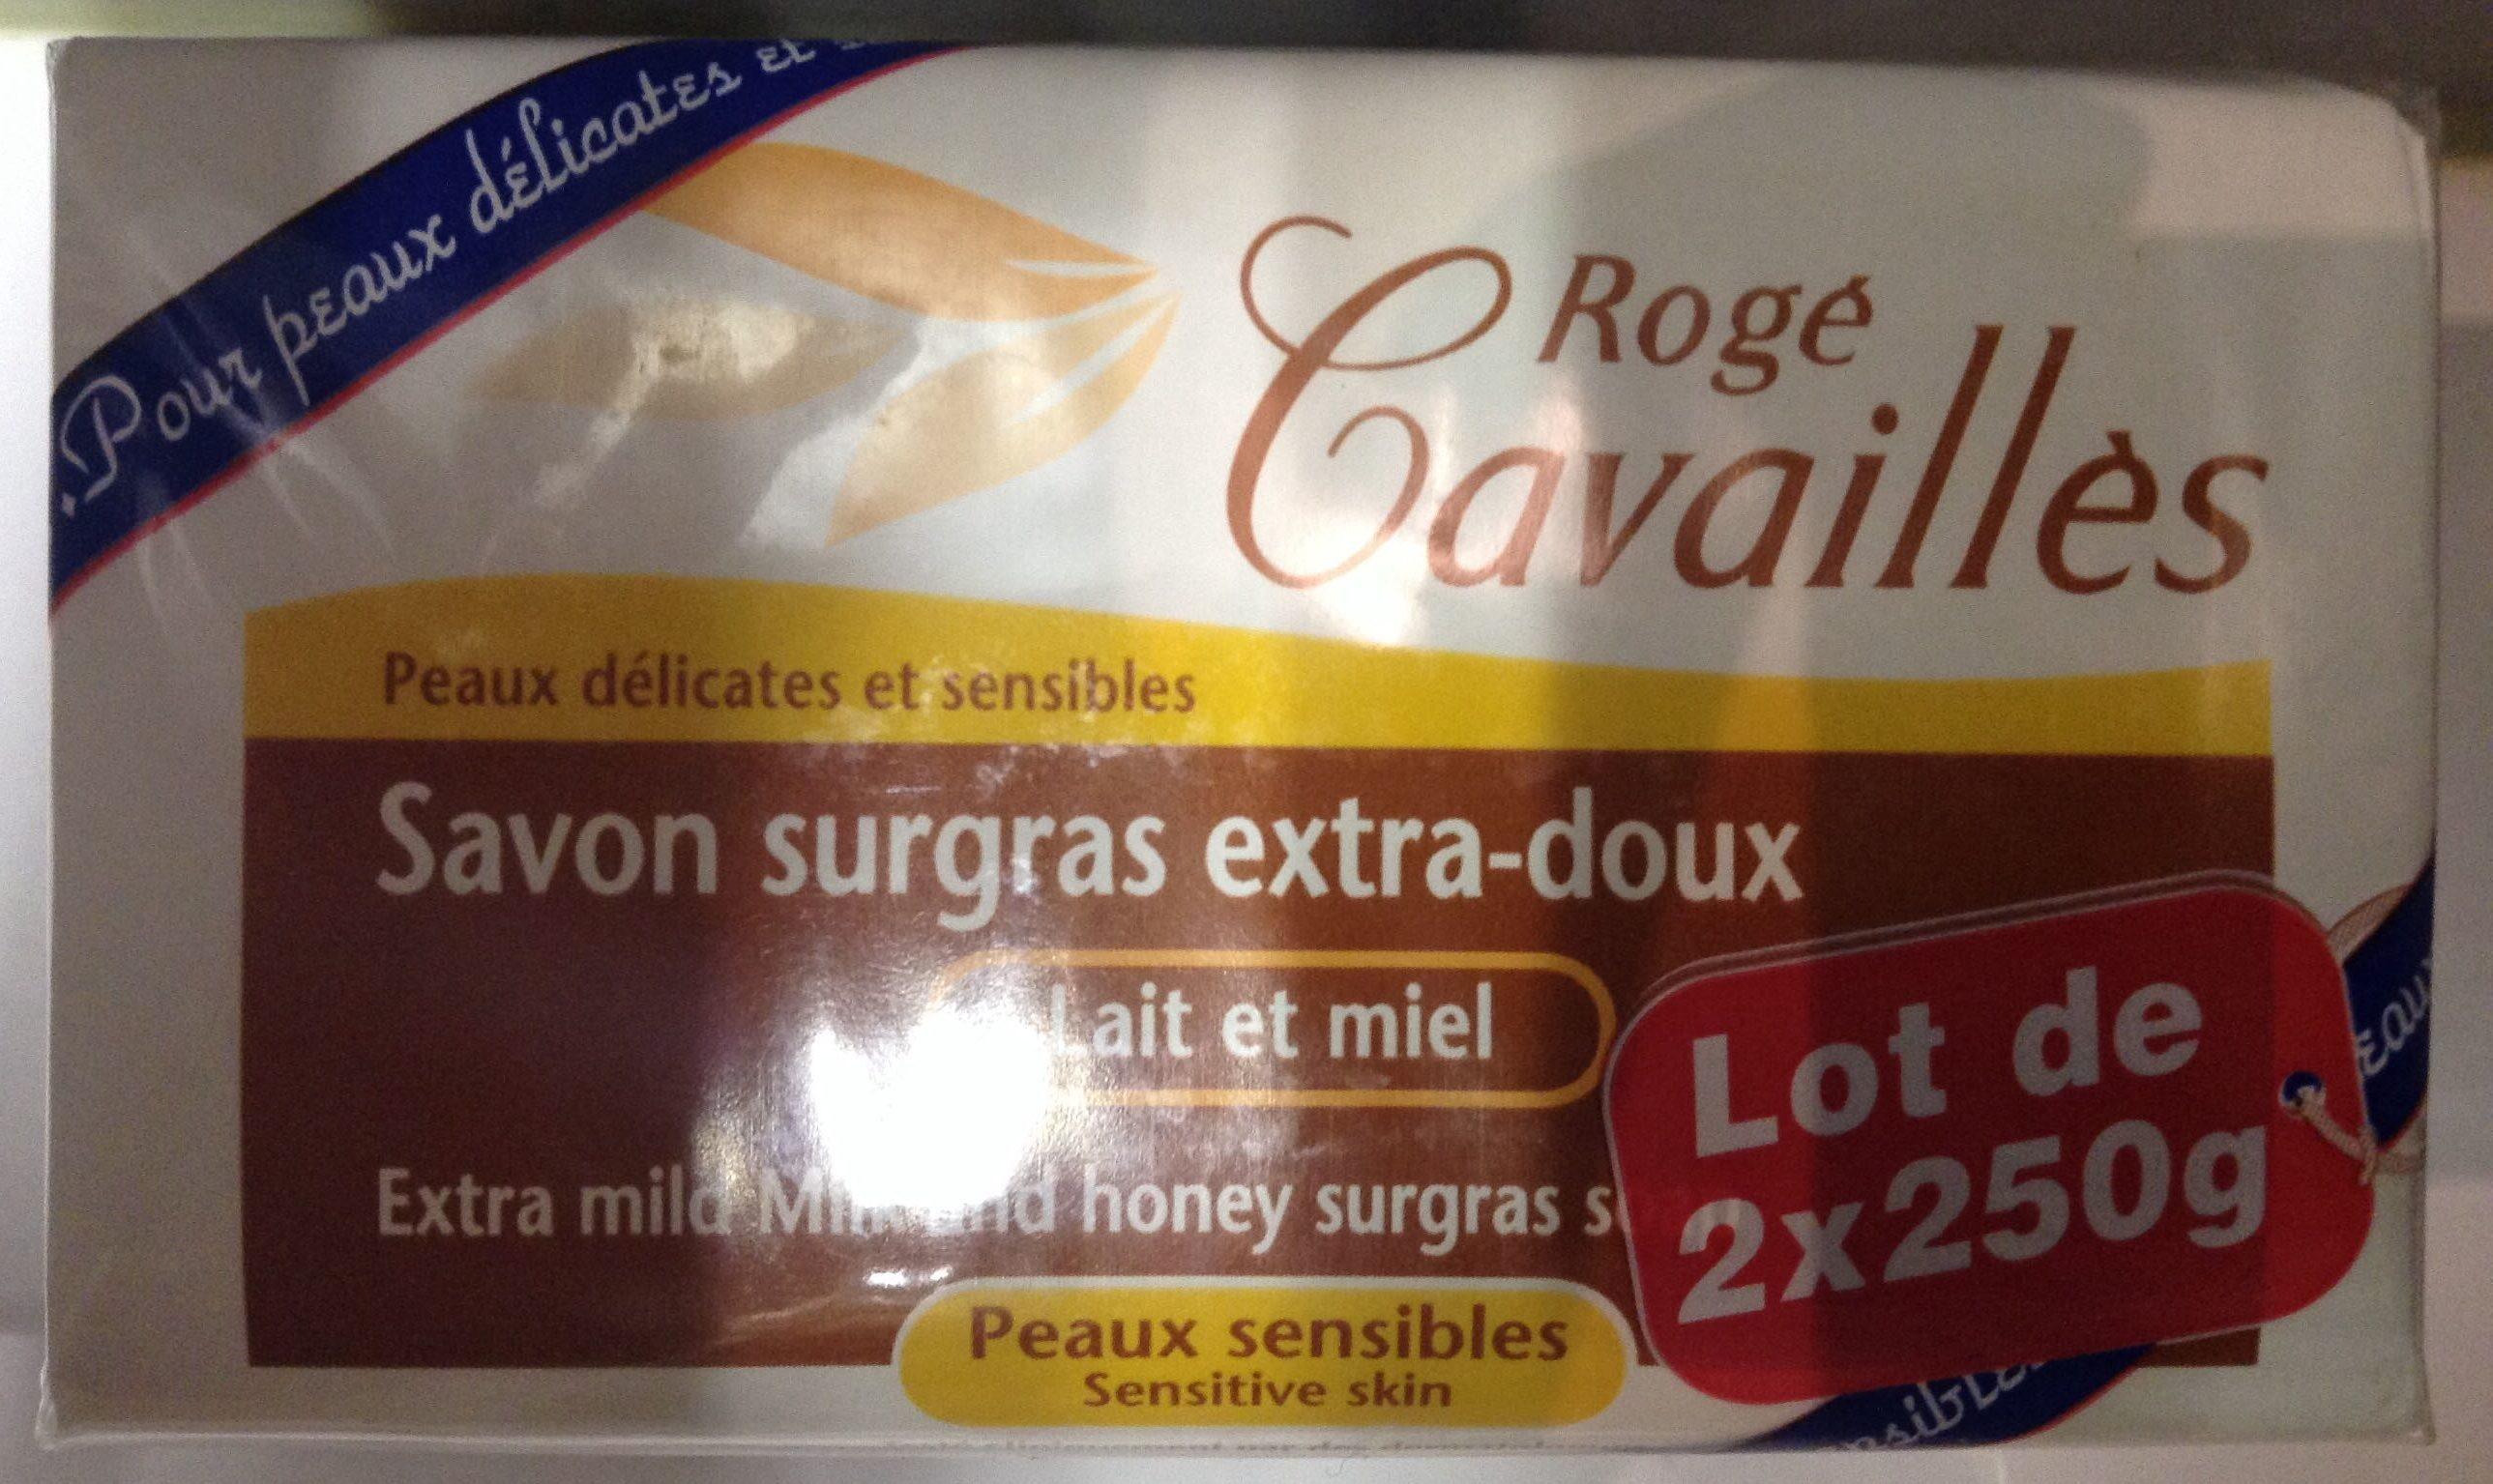 Savon surgras Lait et miel - Product